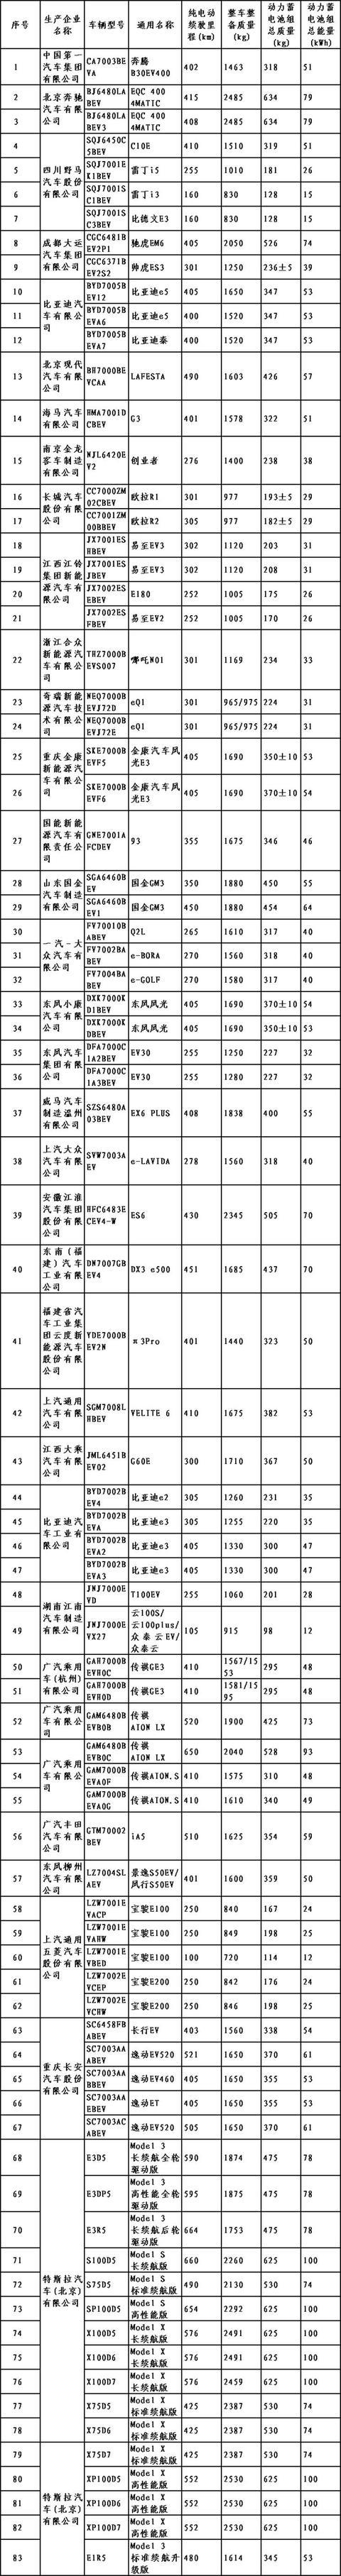 车闻快报:第26批免购置税车型名单公布 神龙汽车复兴计划披露